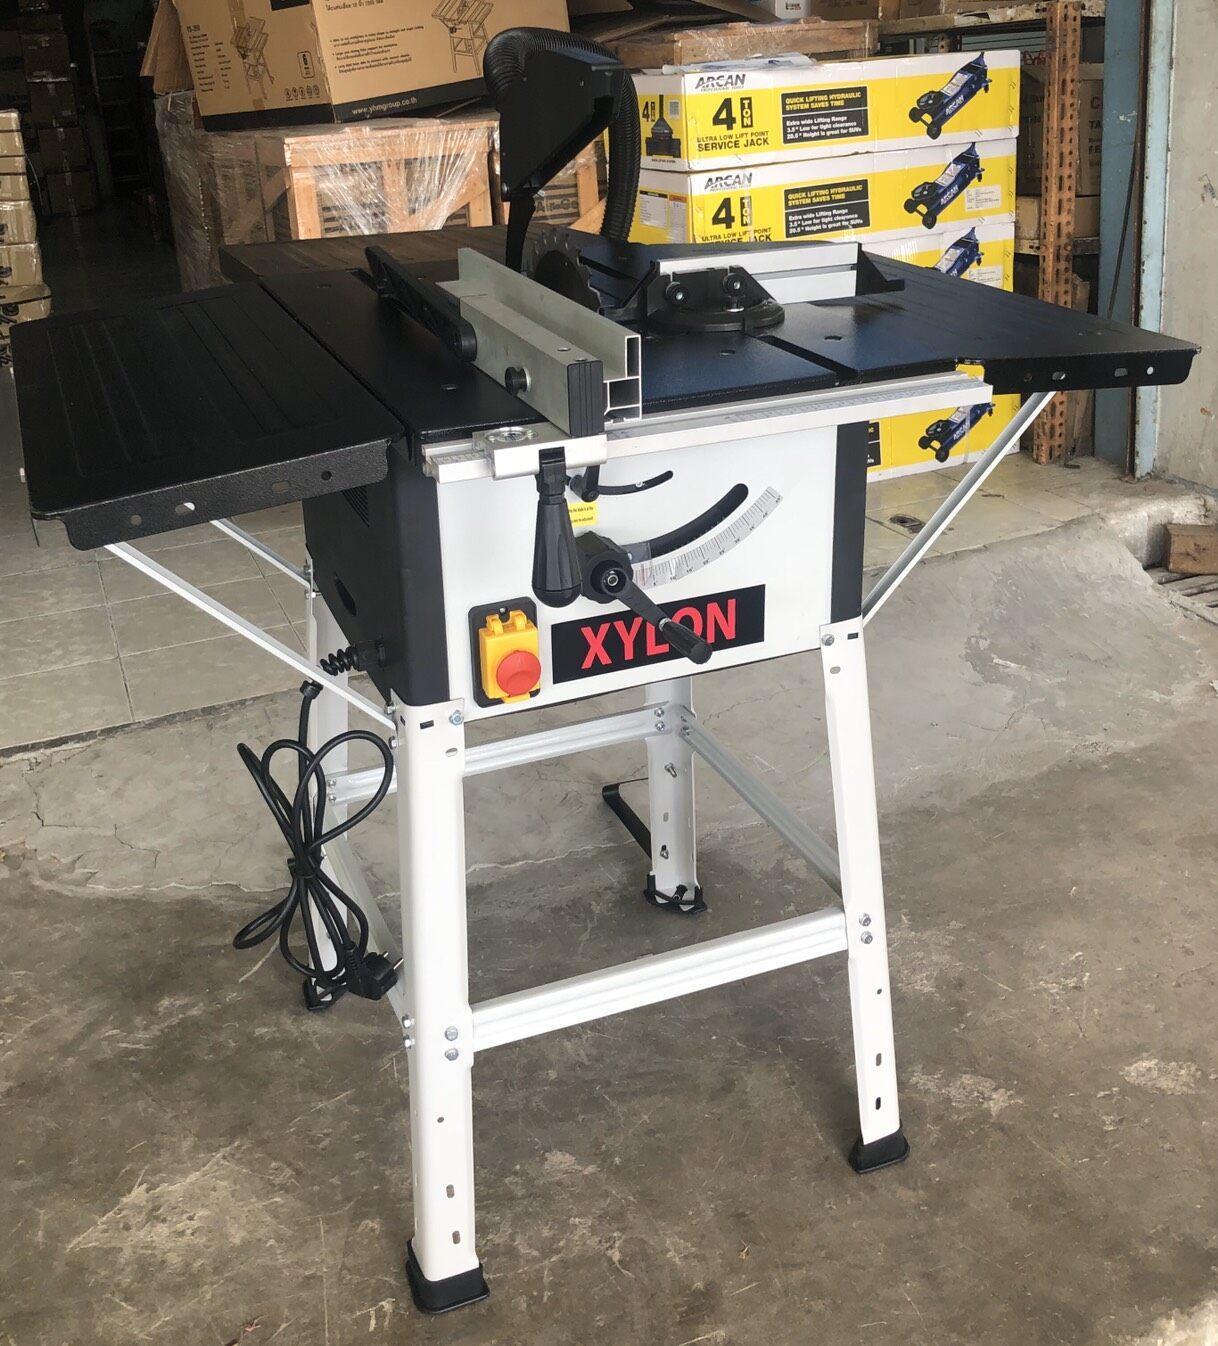 โต๊ะเลื่อยไม้ ขนาด 10 นิ้ว Table Saw ยี่ห้อ XYLON รุ่น XYL-250